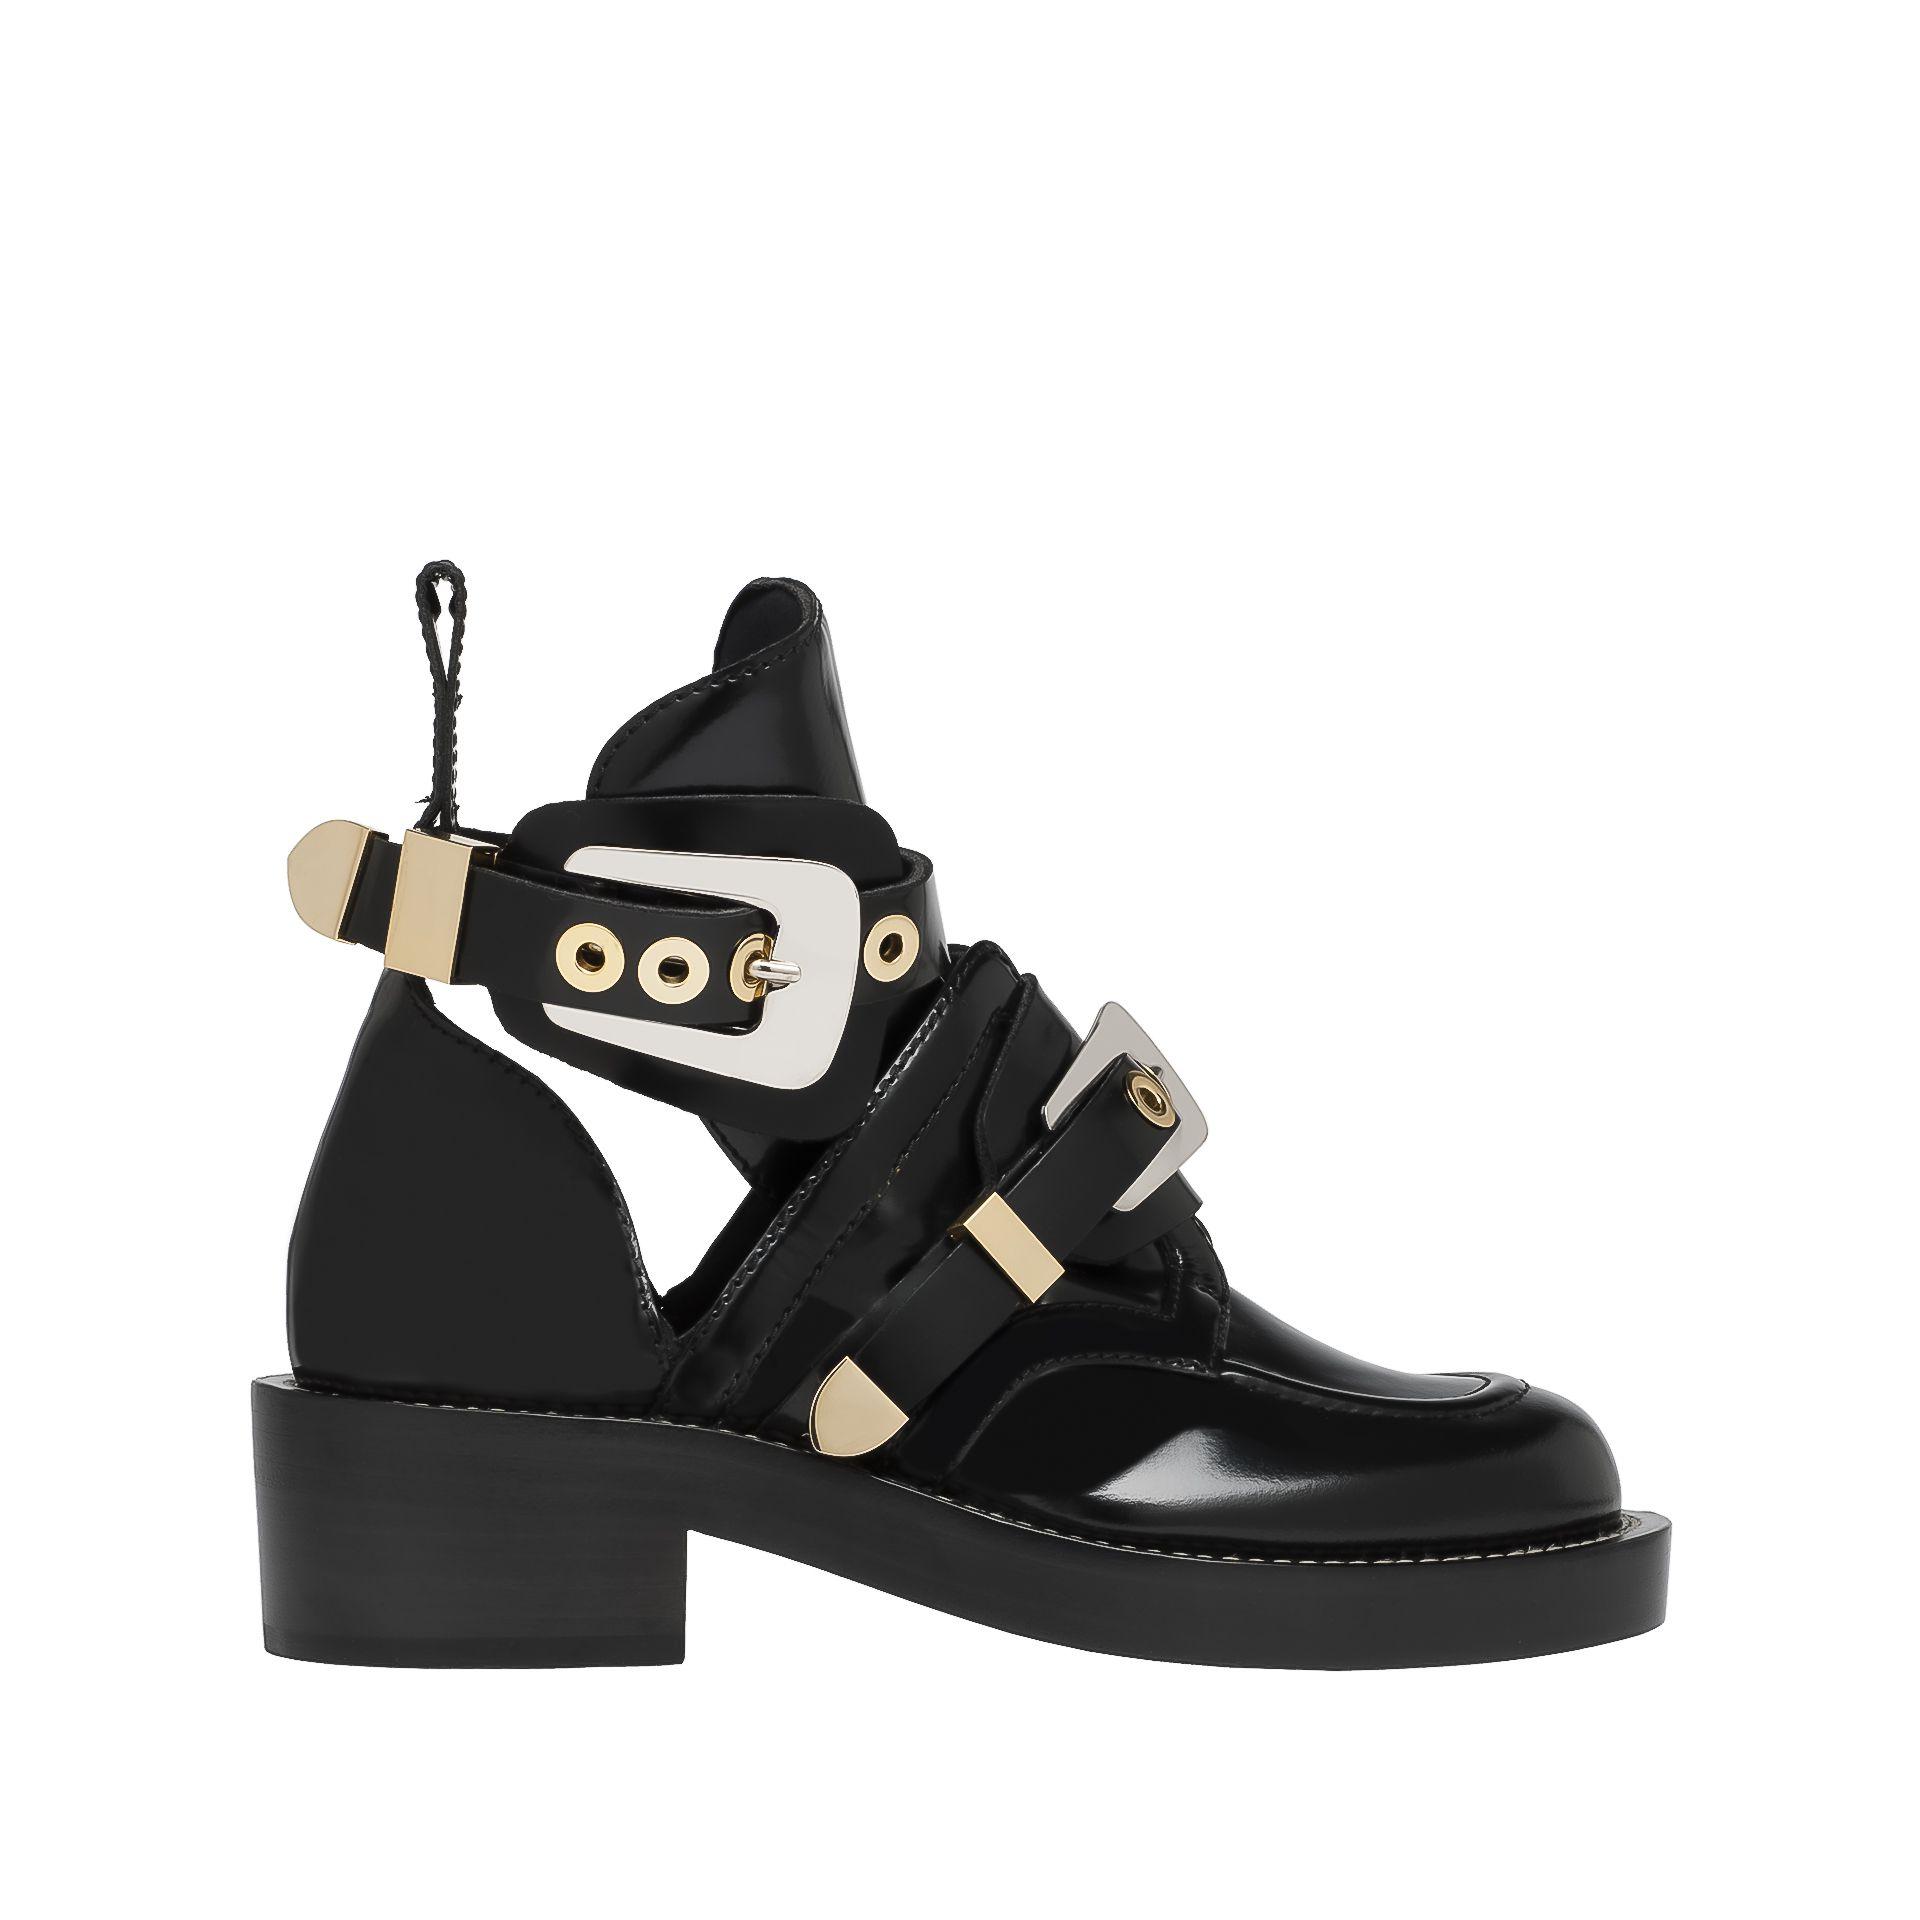 Balenciaga Ceinture Ankle Boots Balenciaga - Ankle Boots Women color Black - Shoes Balenciaga